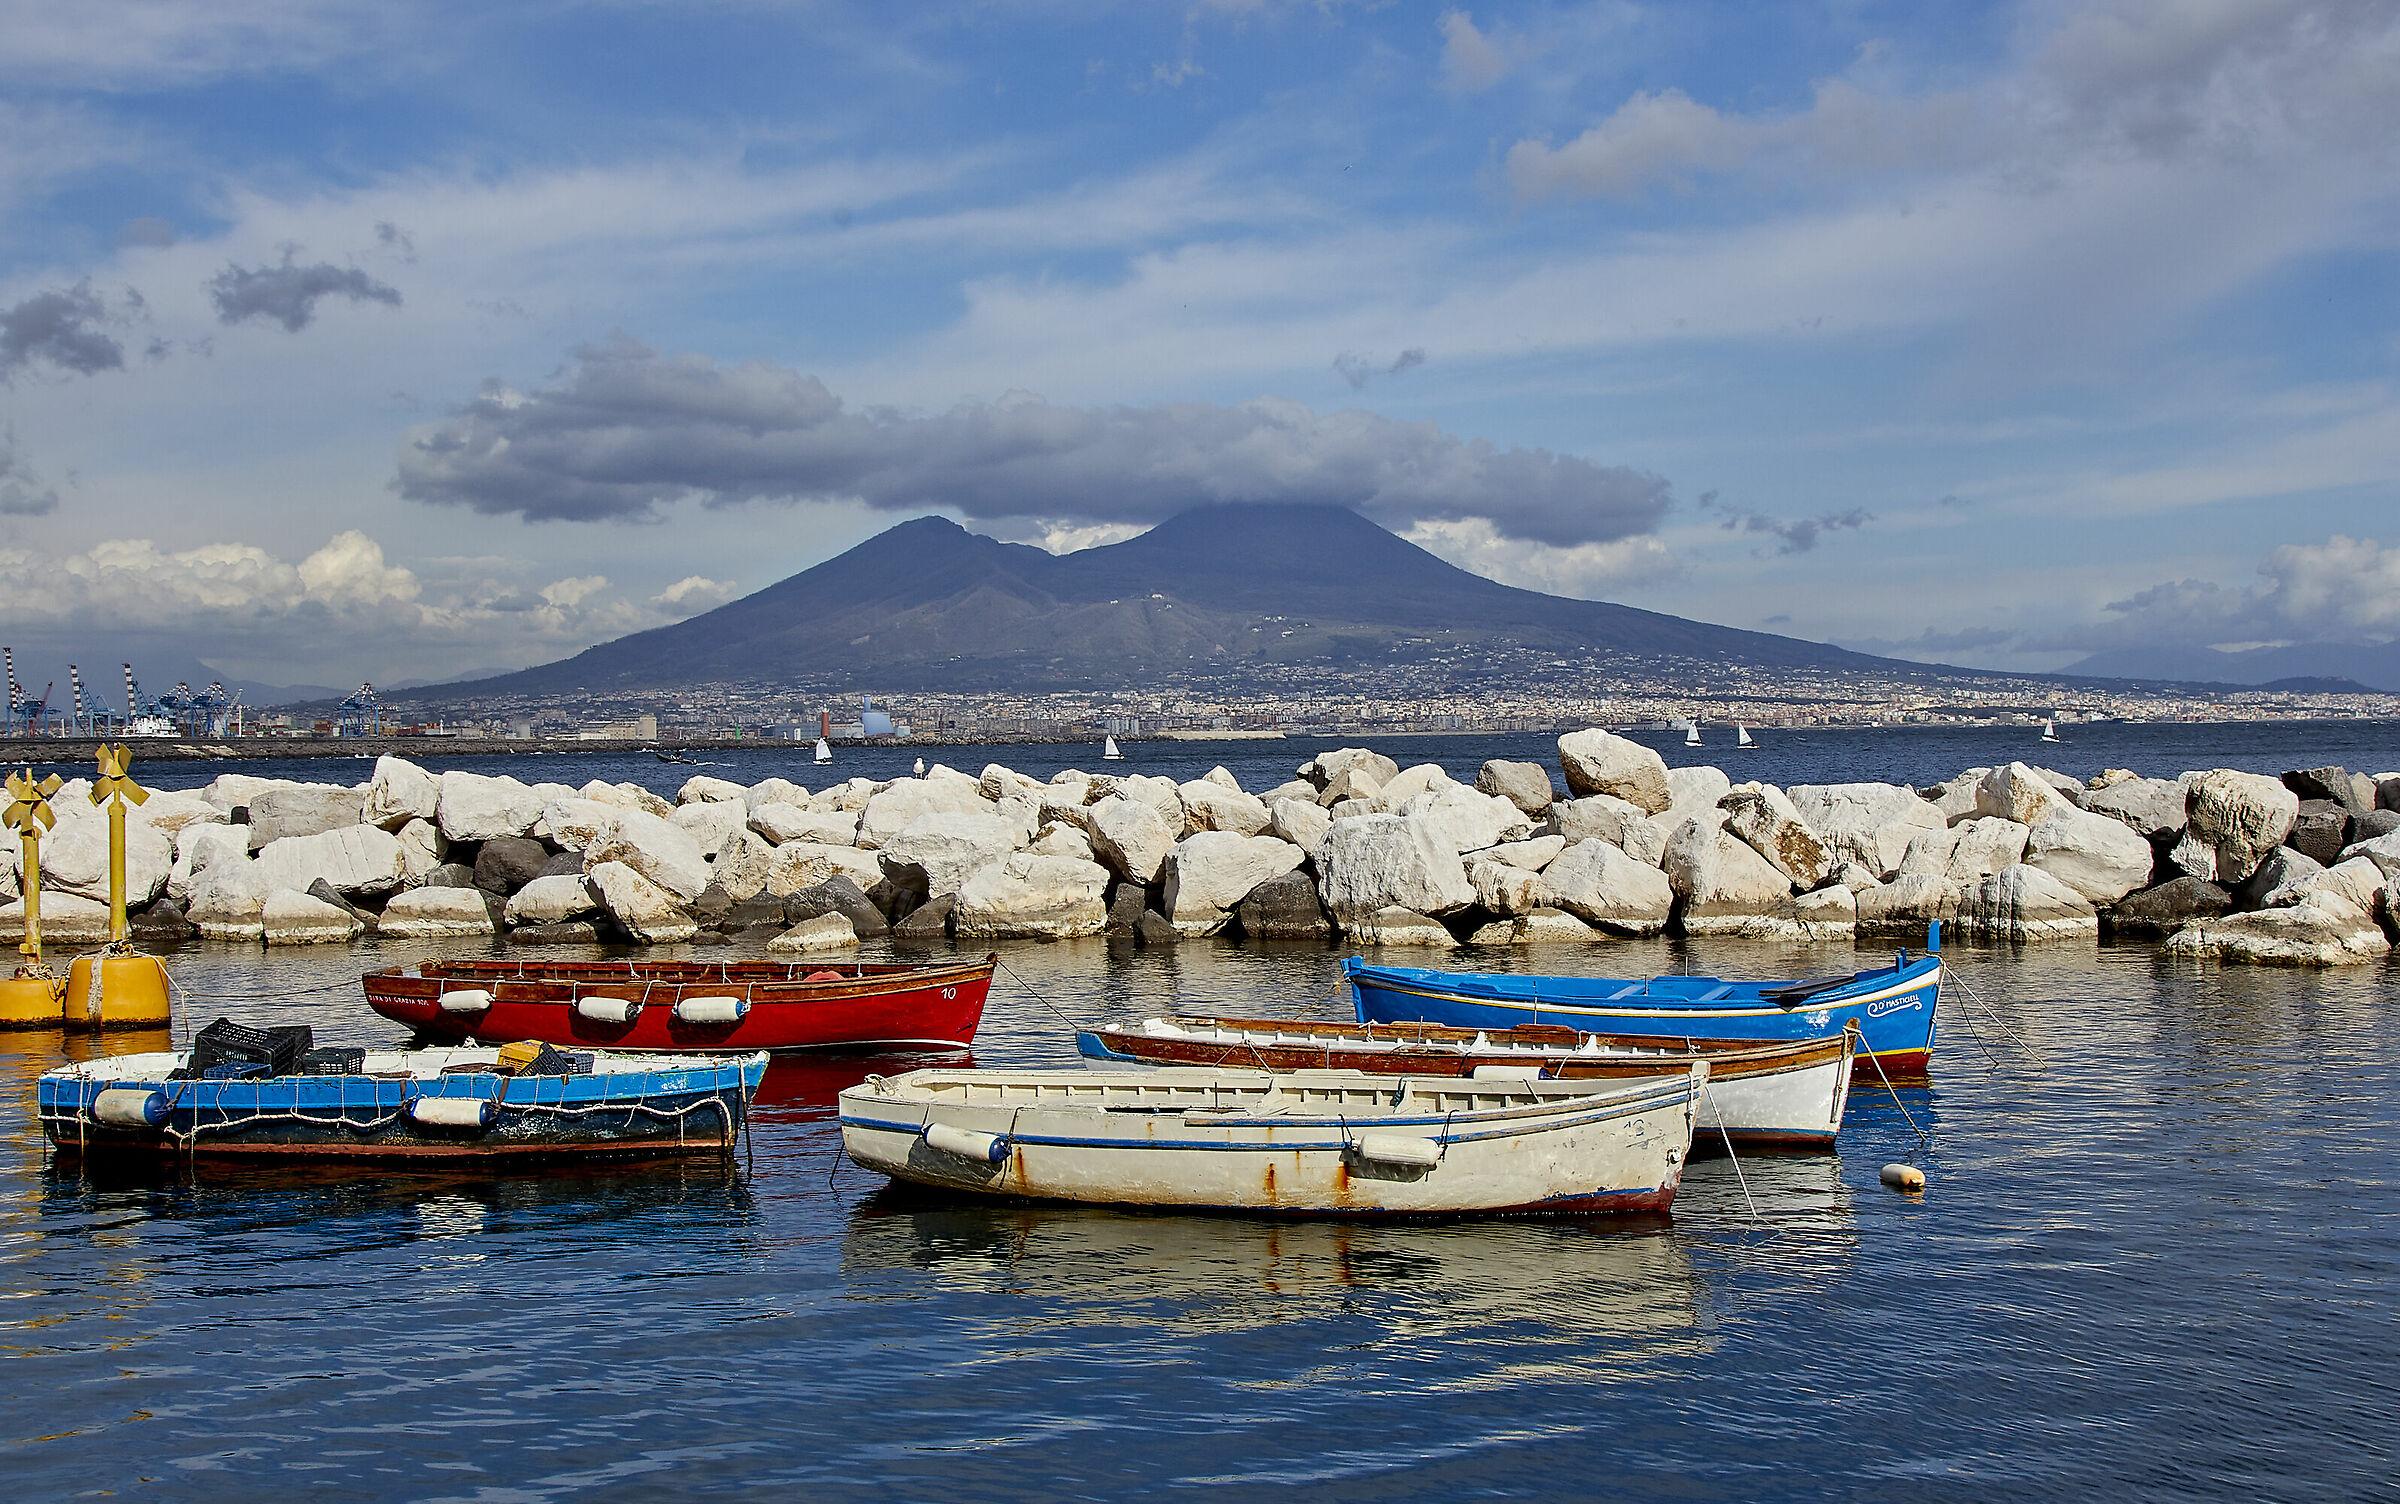 The Vesuvius...